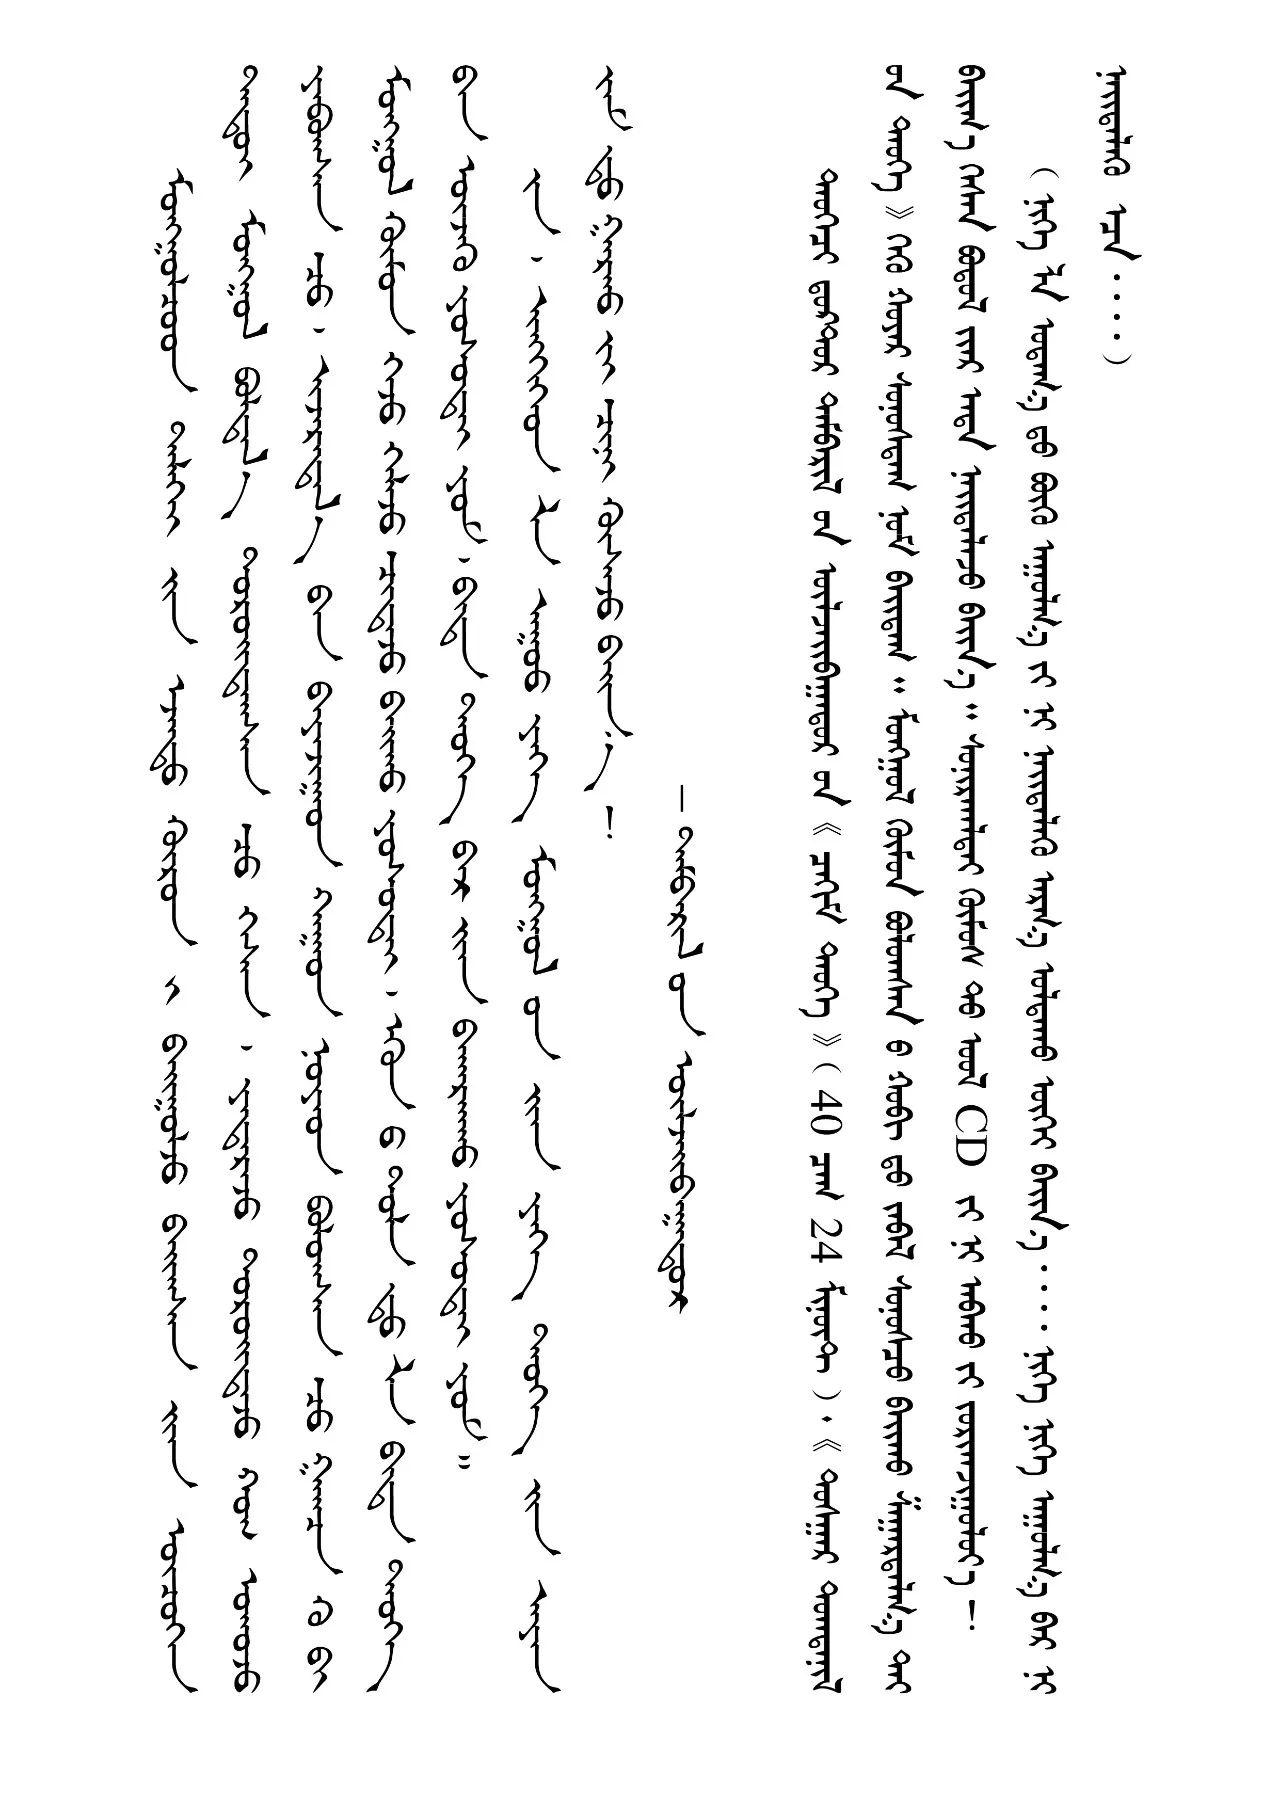 蒙古历史听书 1-0 前言 оршил 第11张 蒙古历史听书 1-0 前言 оршил 蒙古文化